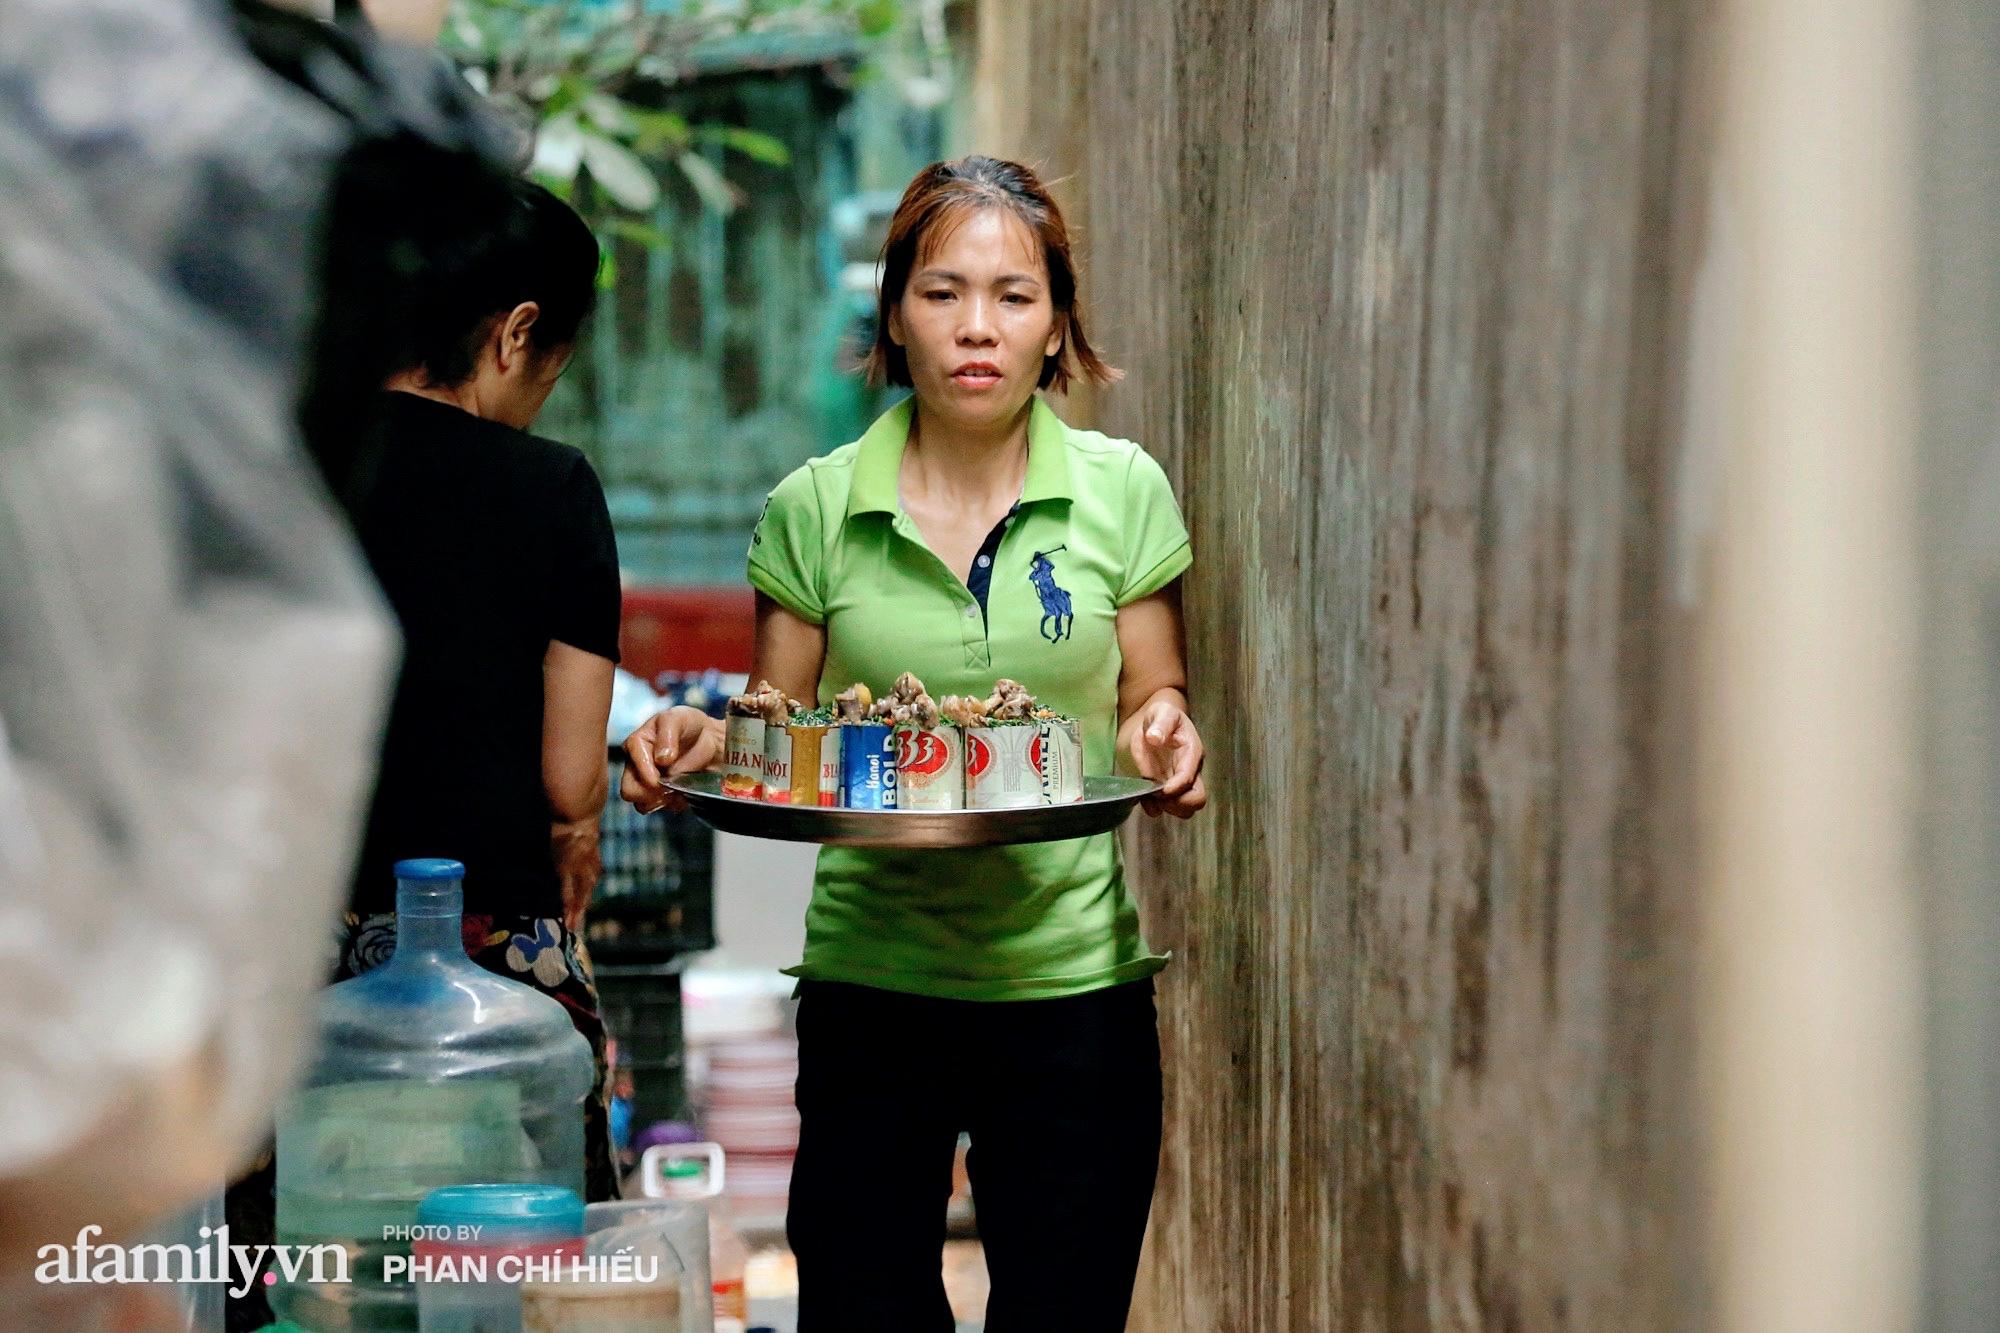 """Quán gà tần nổi tiếng """"ngày bán nghìn suất"""" trên phố An Dương với món tủ là mì gà tần lon bia giá chỉ 25.000 đồng được full topping liệu có tuyệt vời như lời đồn? - Ảnh 4."""